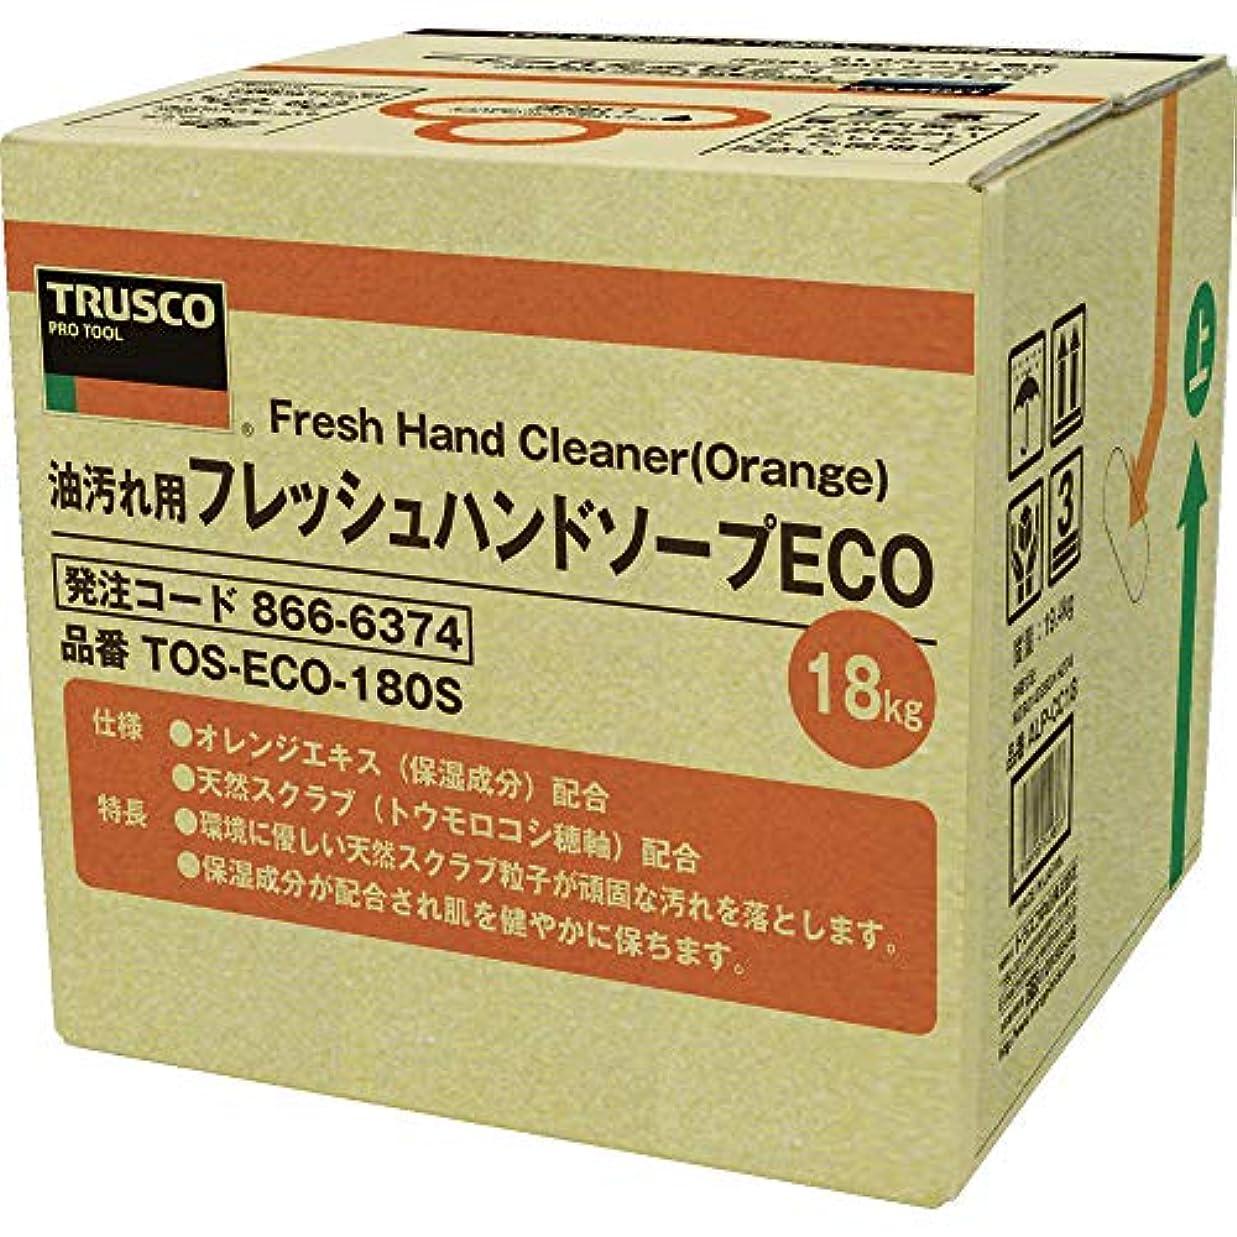 グレード小間コックTRUSCO(トラスコ) フレッシュハンドソープECO 18L 詰替 バッグインボックス TOSECO180S